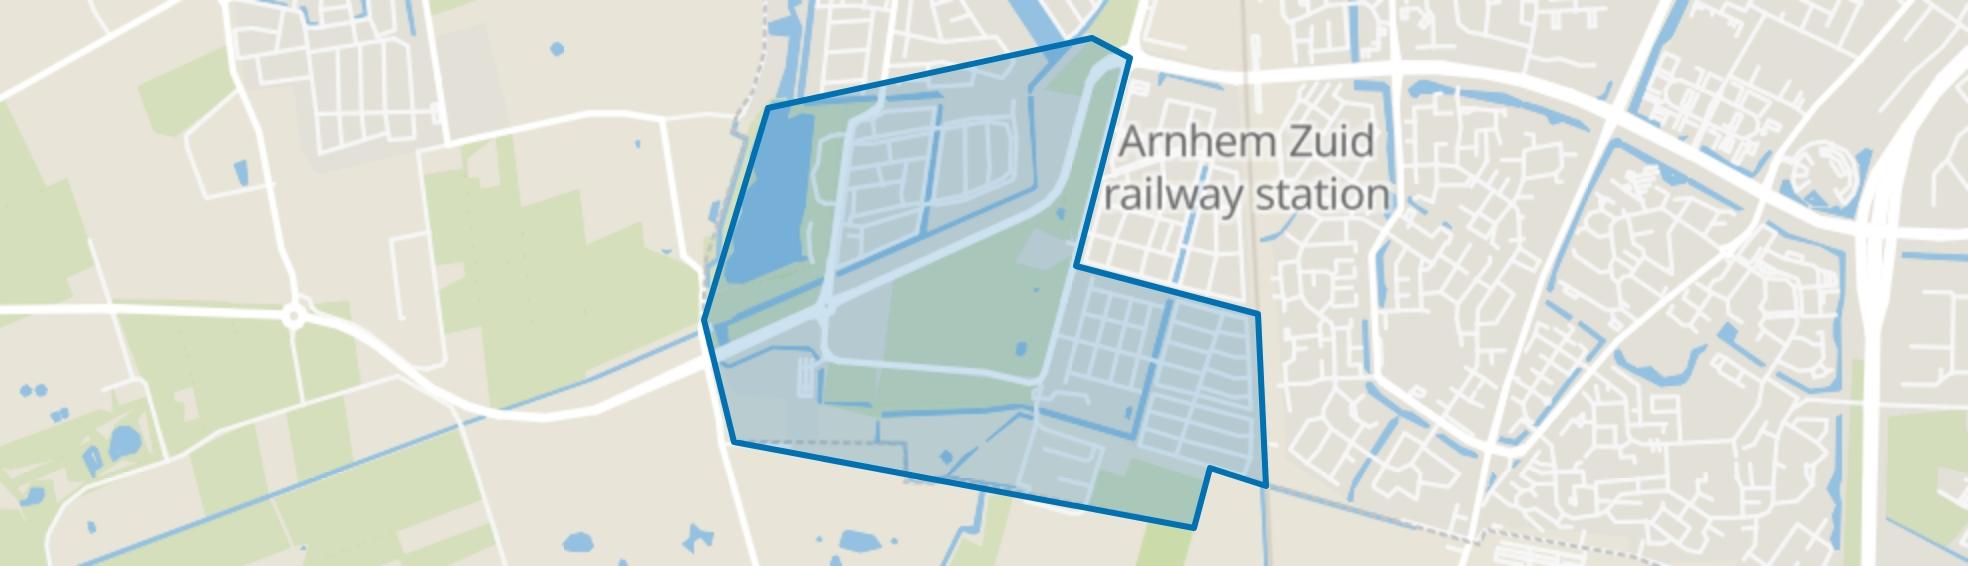 Schuytgraaf-Zuid, Arnhem map